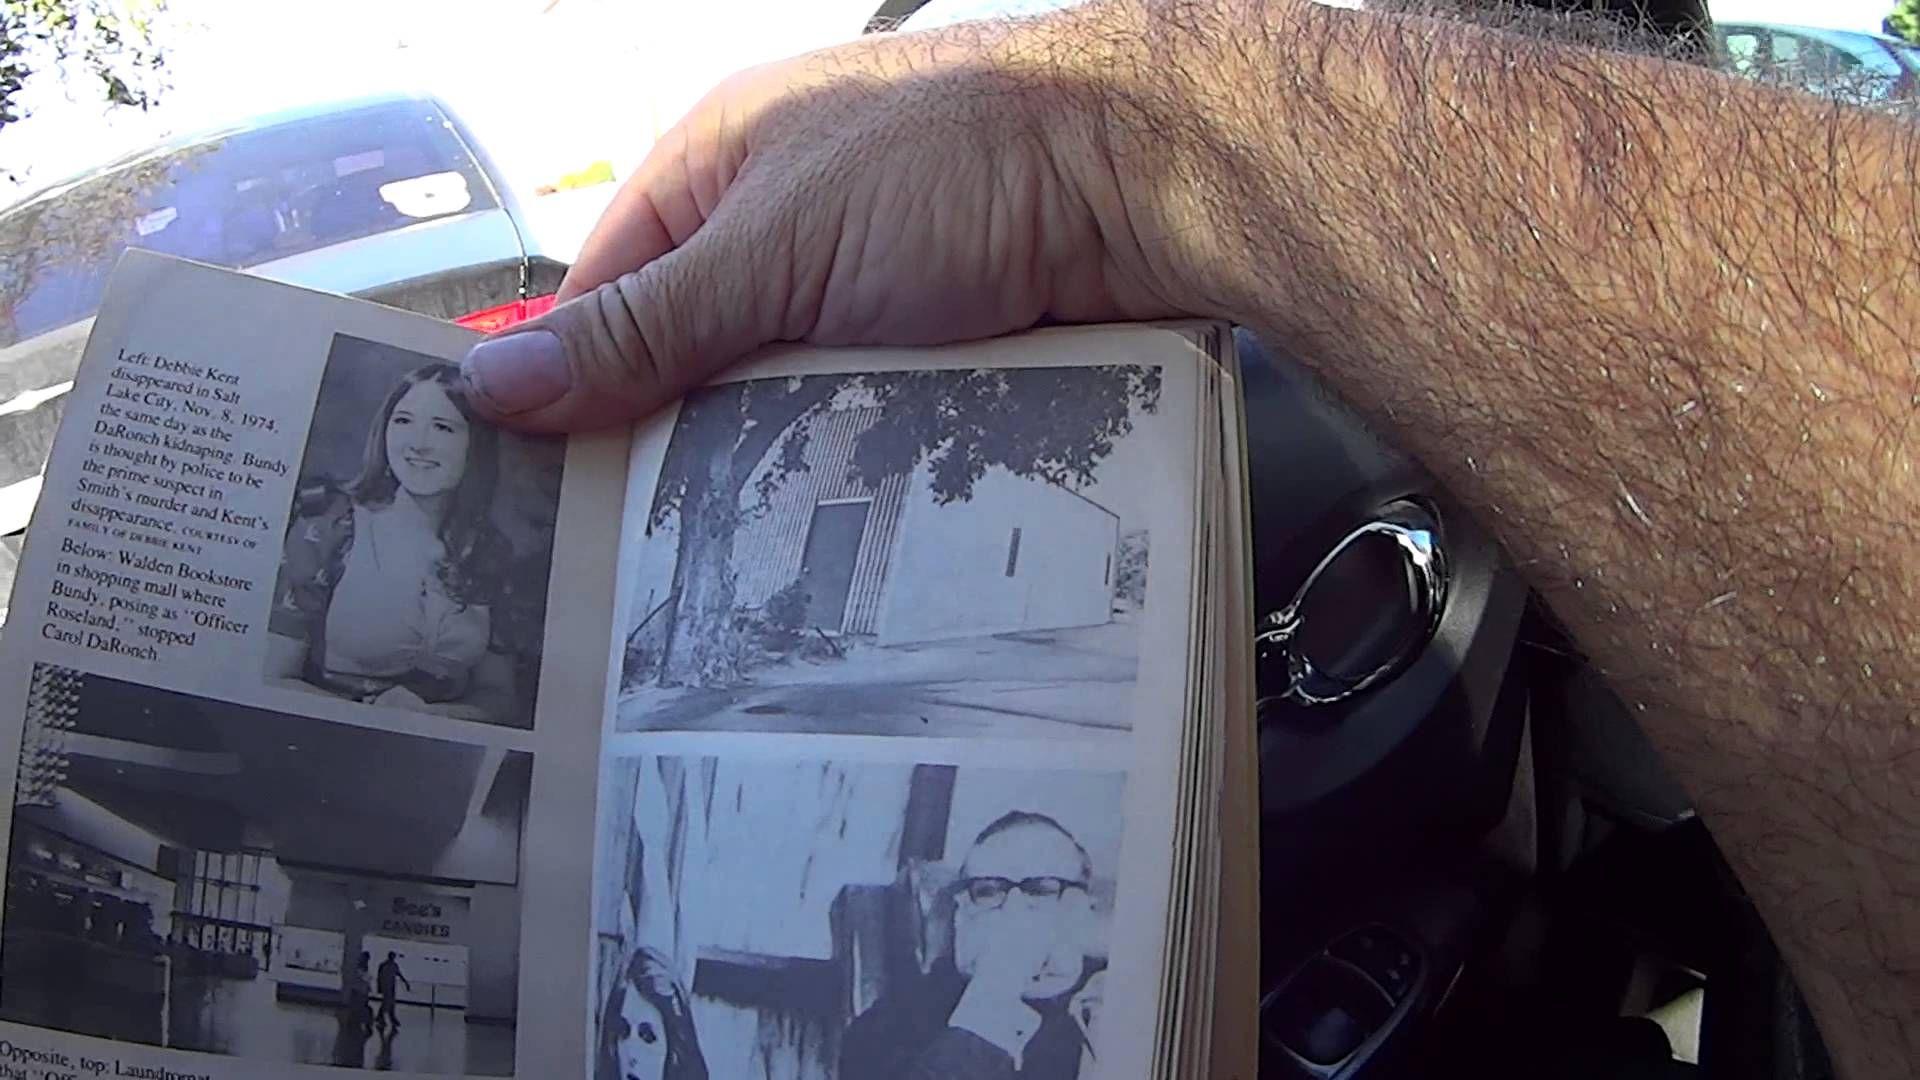 Programa gratuito para recuperar fotos deletadas da camera digital 54